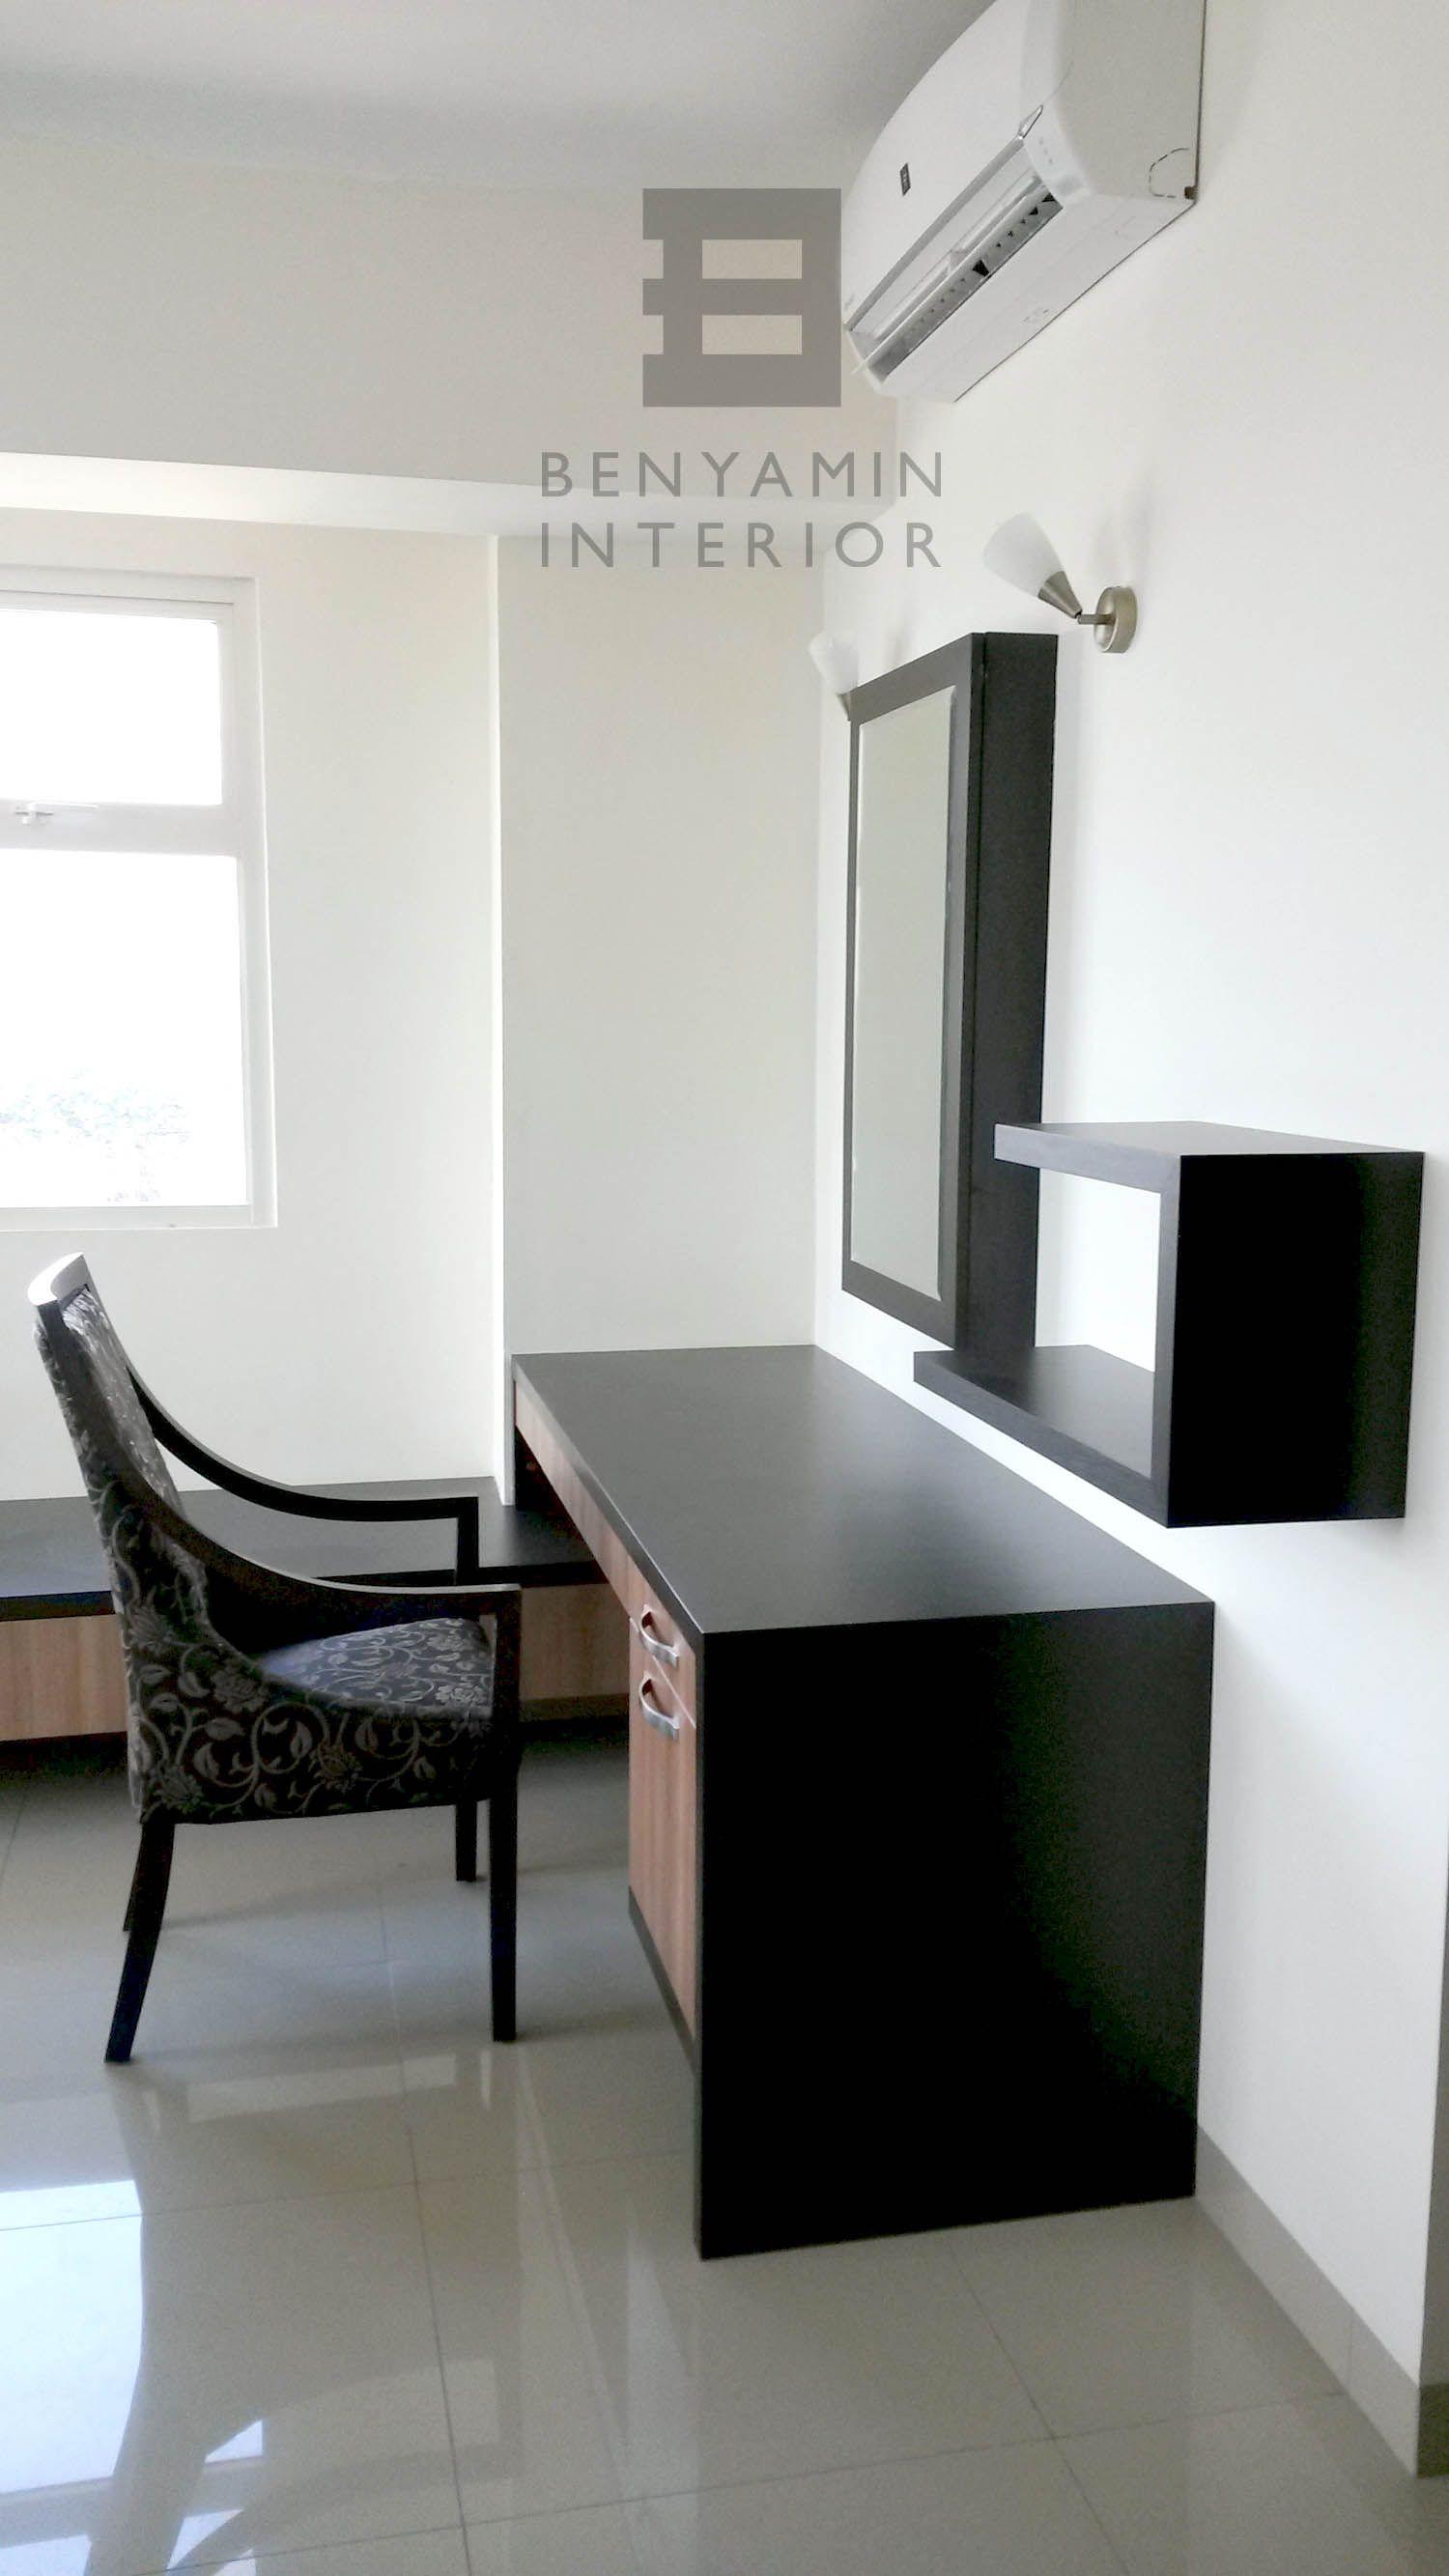 Apartment's Room Interior Design